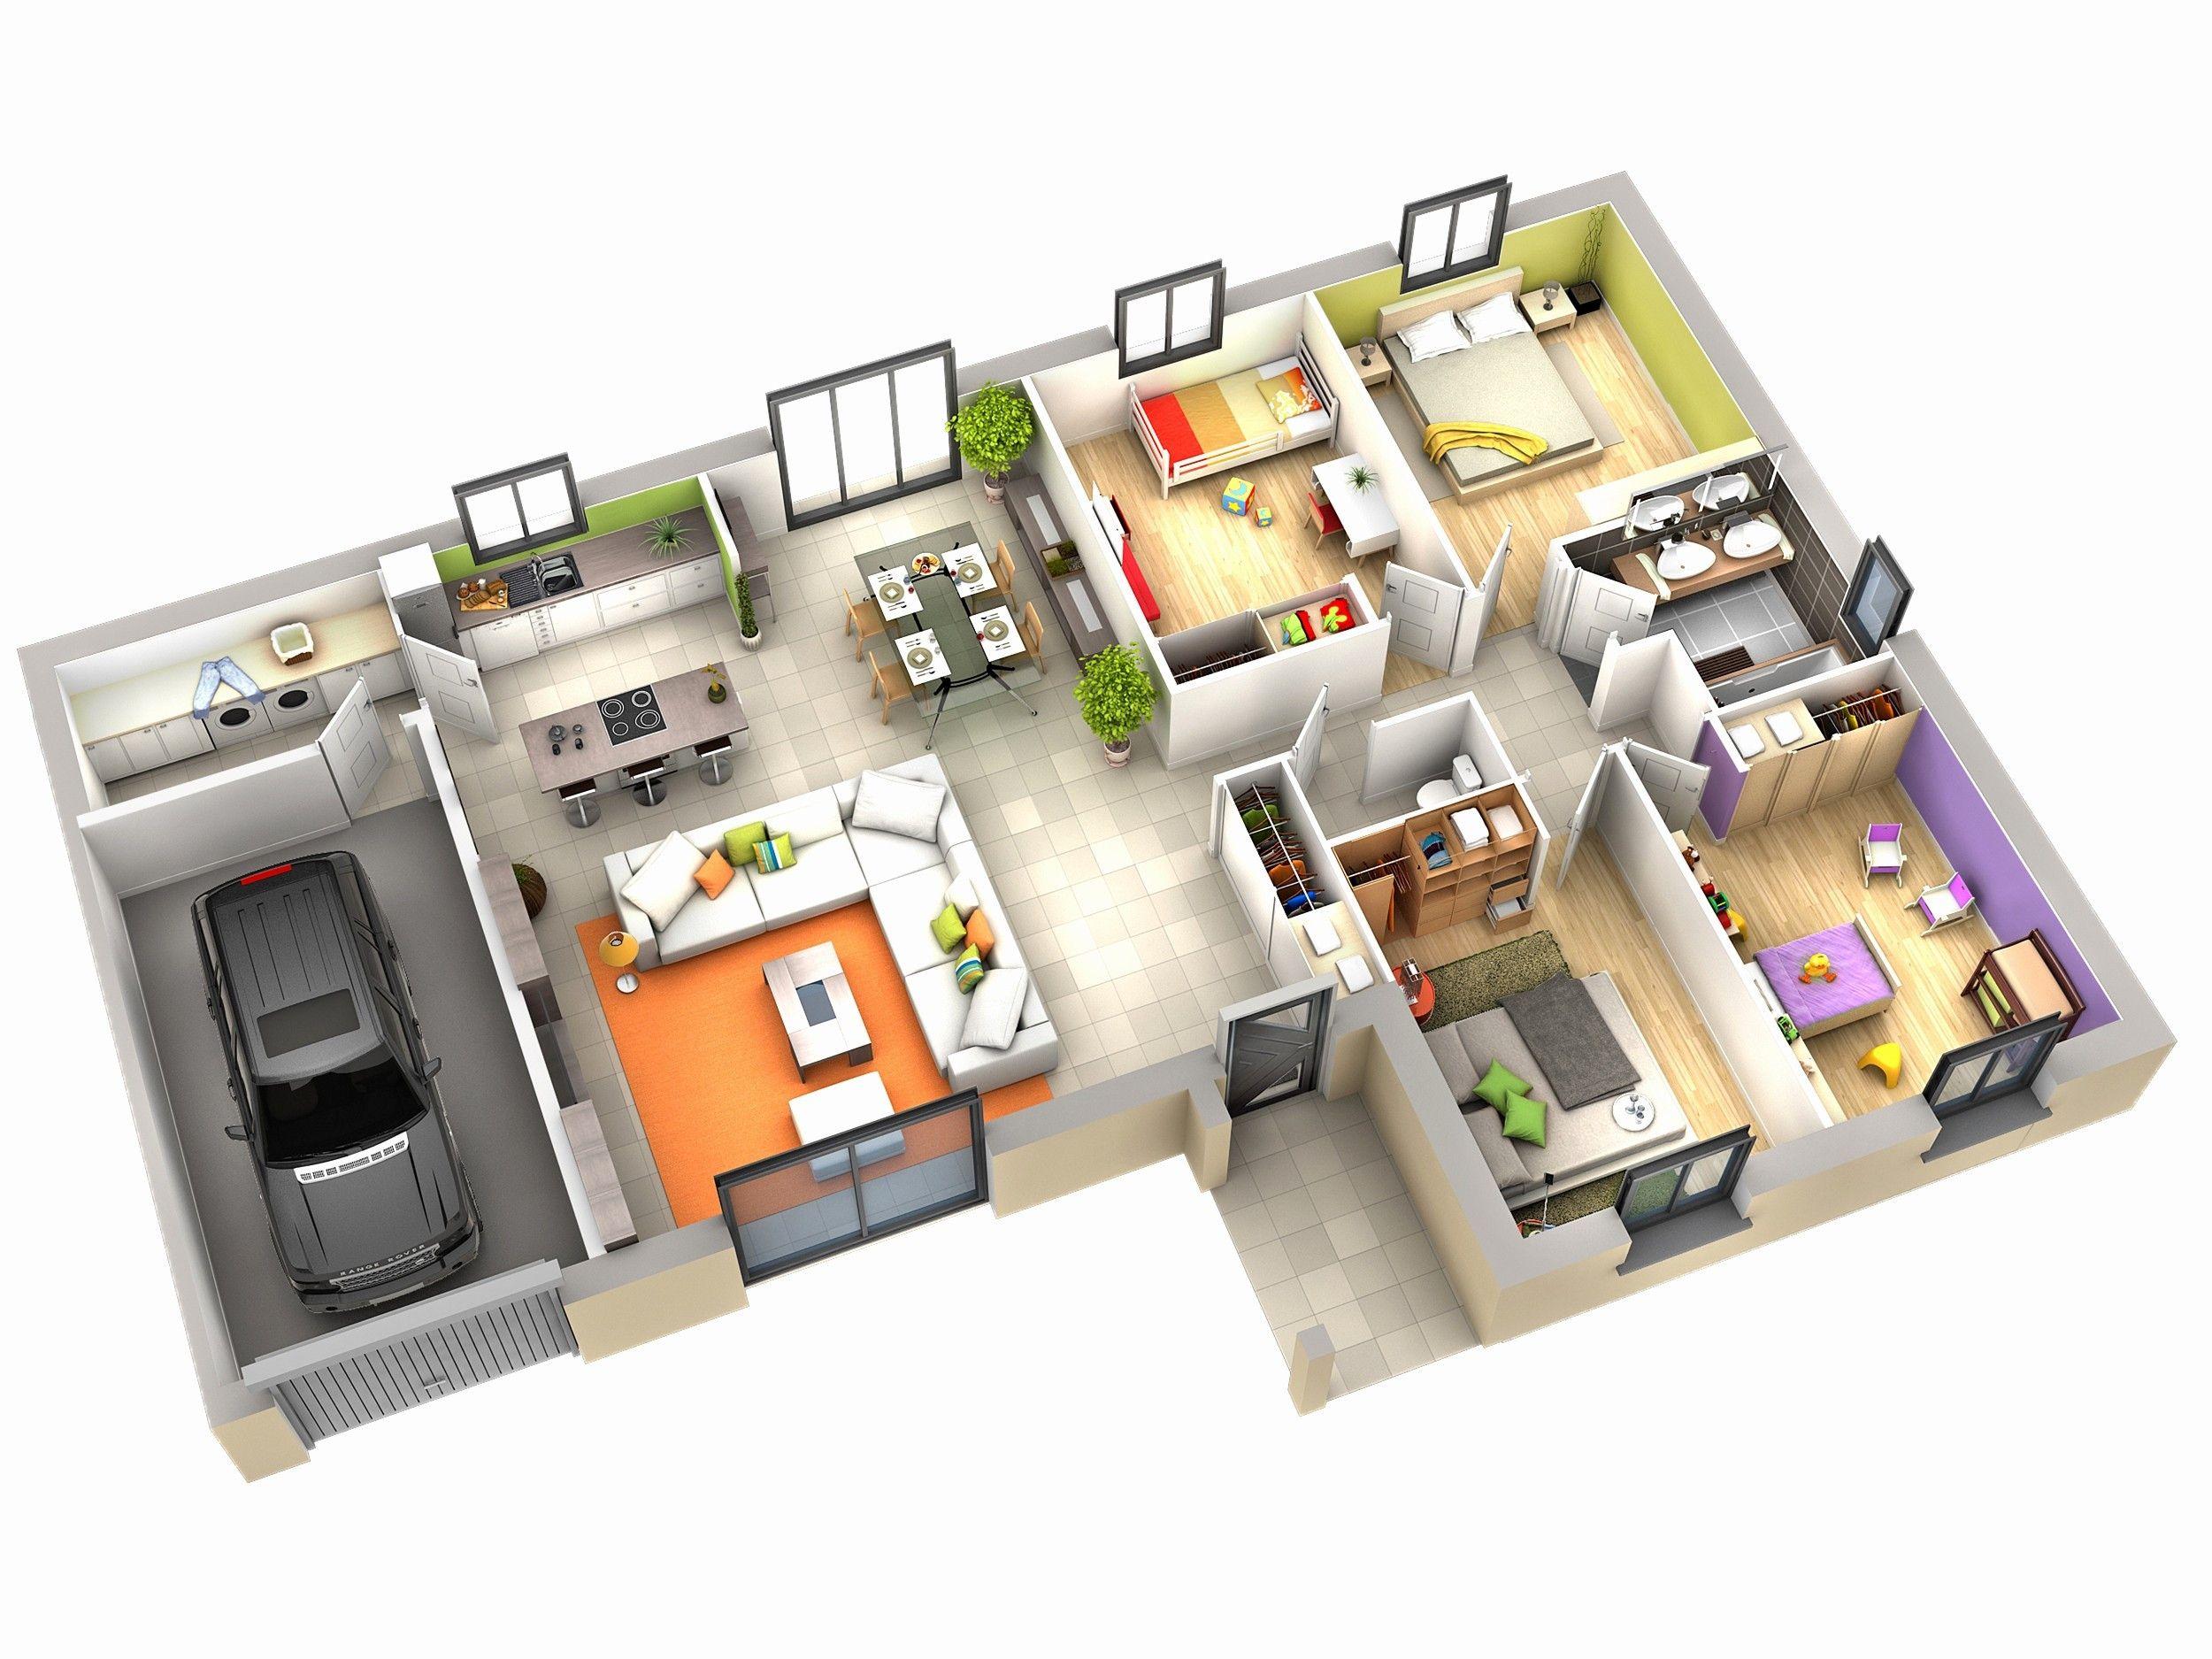 Plan Interieur Maison Idee De Plan De Maison Plan Maison Moderne Plan Maison Plain Pied Plan Maison